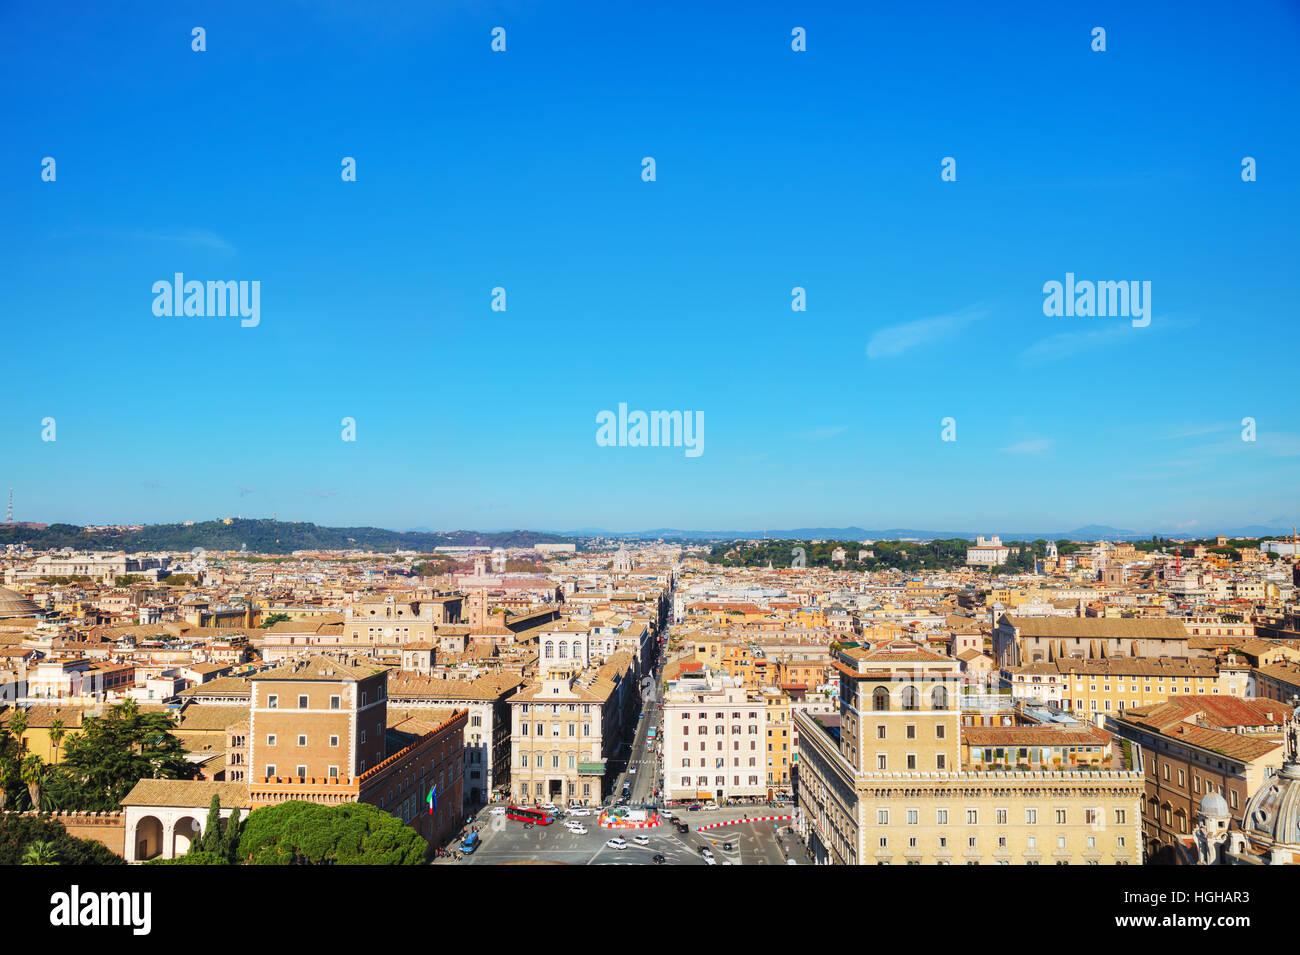 Rome vue aérienne avec la piazza Venezia sur une journée ensoleillée Photo Stock